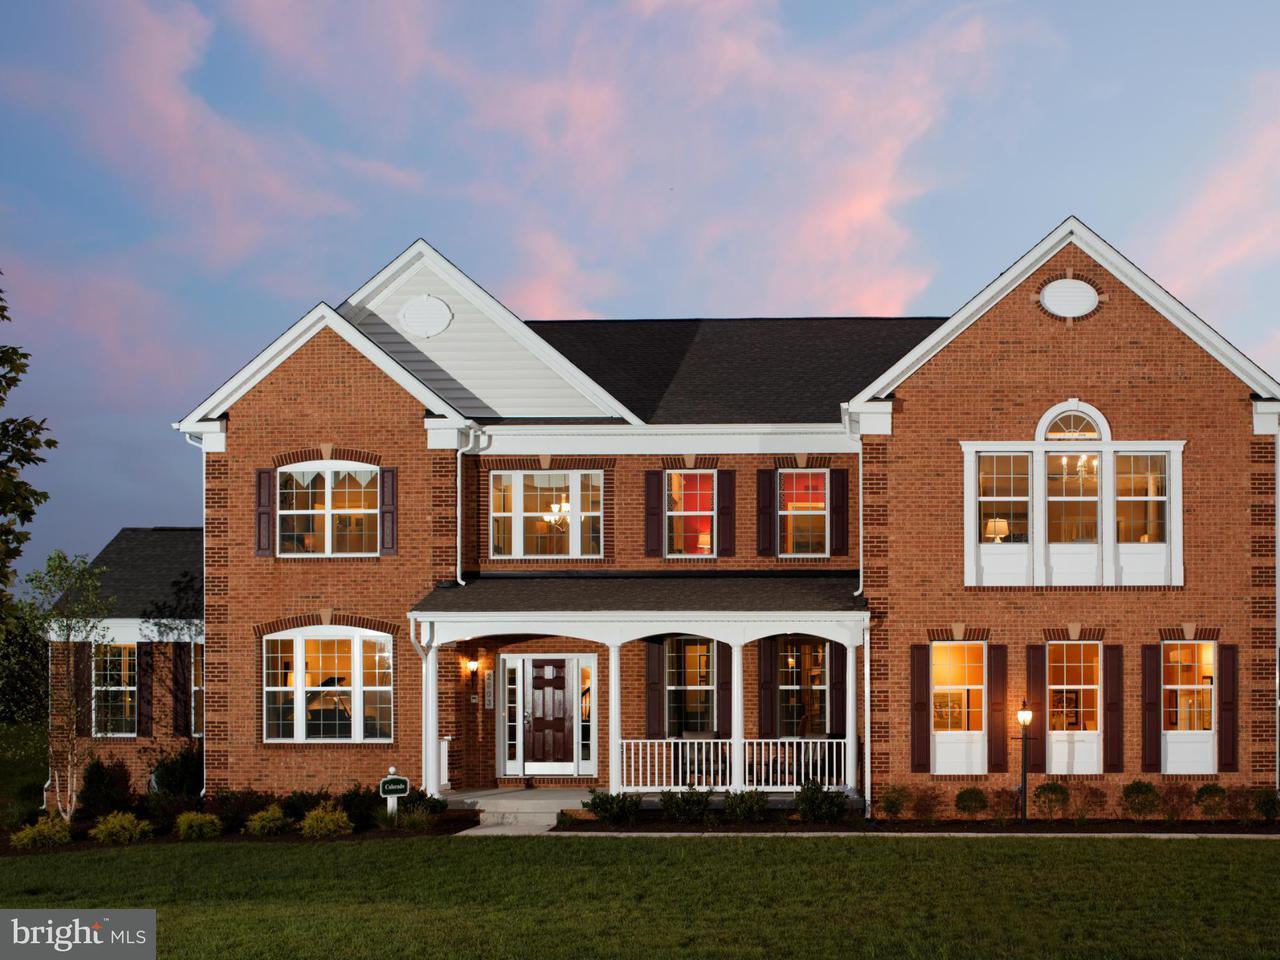 Vivienda unifamiliar por un Venta en 719 Chimney Rock Court 719 Chimney Rock Court Sykesville, Maryland 21784 Estados Unidos